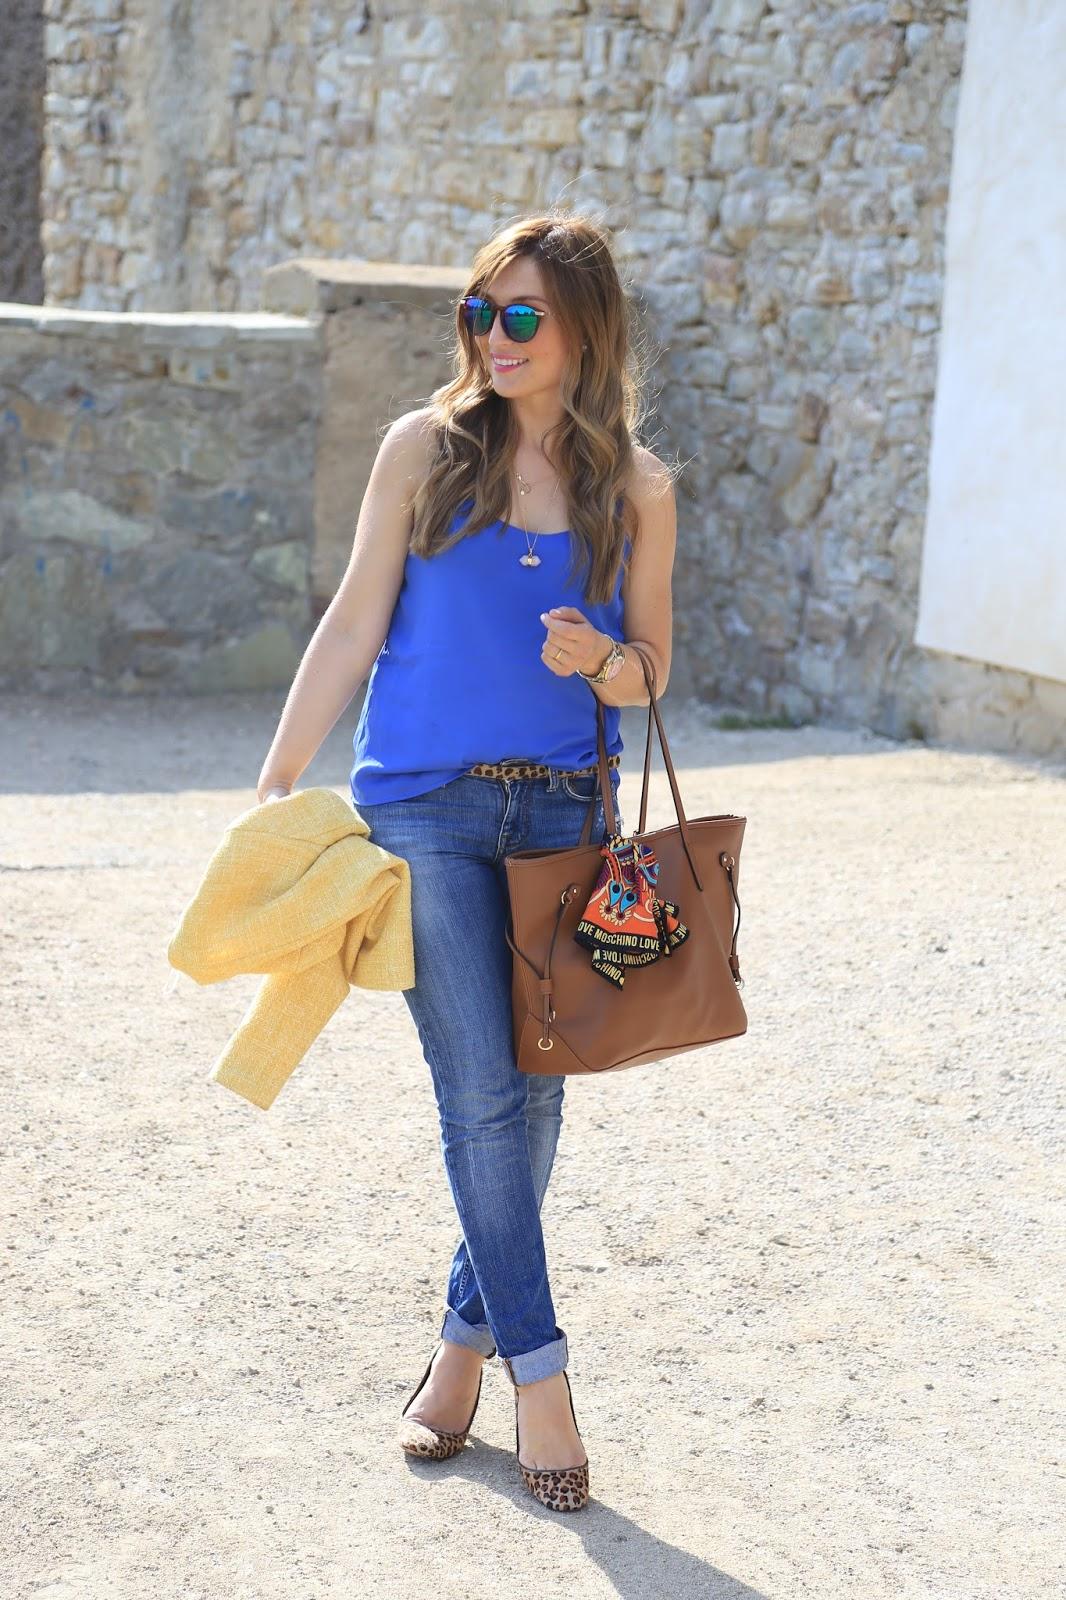 Fashionstylebyjohanna - Blogger aus Frankfurt - Leoparden Grürtel kombinieren - Leoparden High Heels - Casual Chic Blogger Look